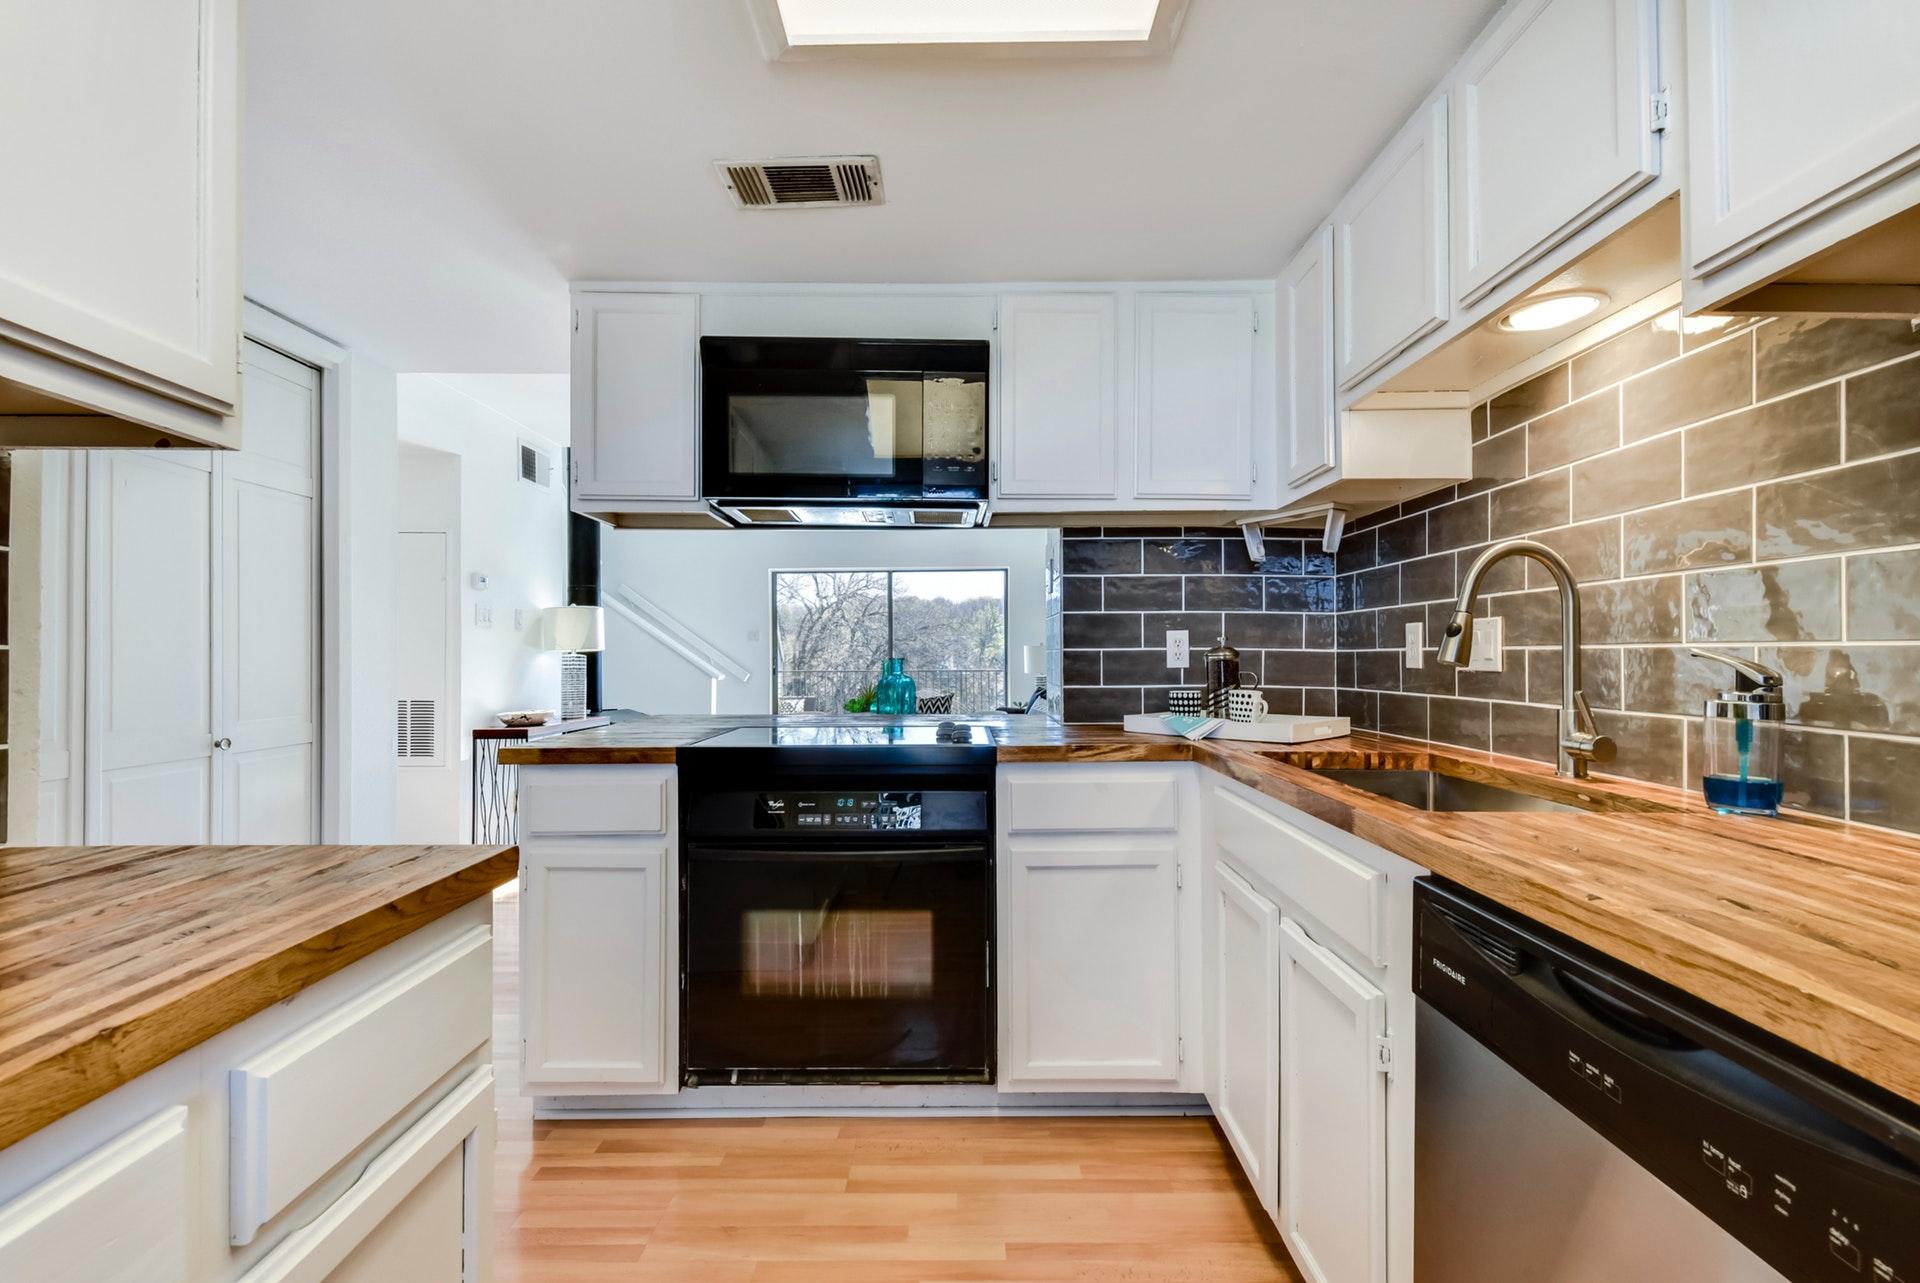 1135 Barton Hills - Kitchen 2